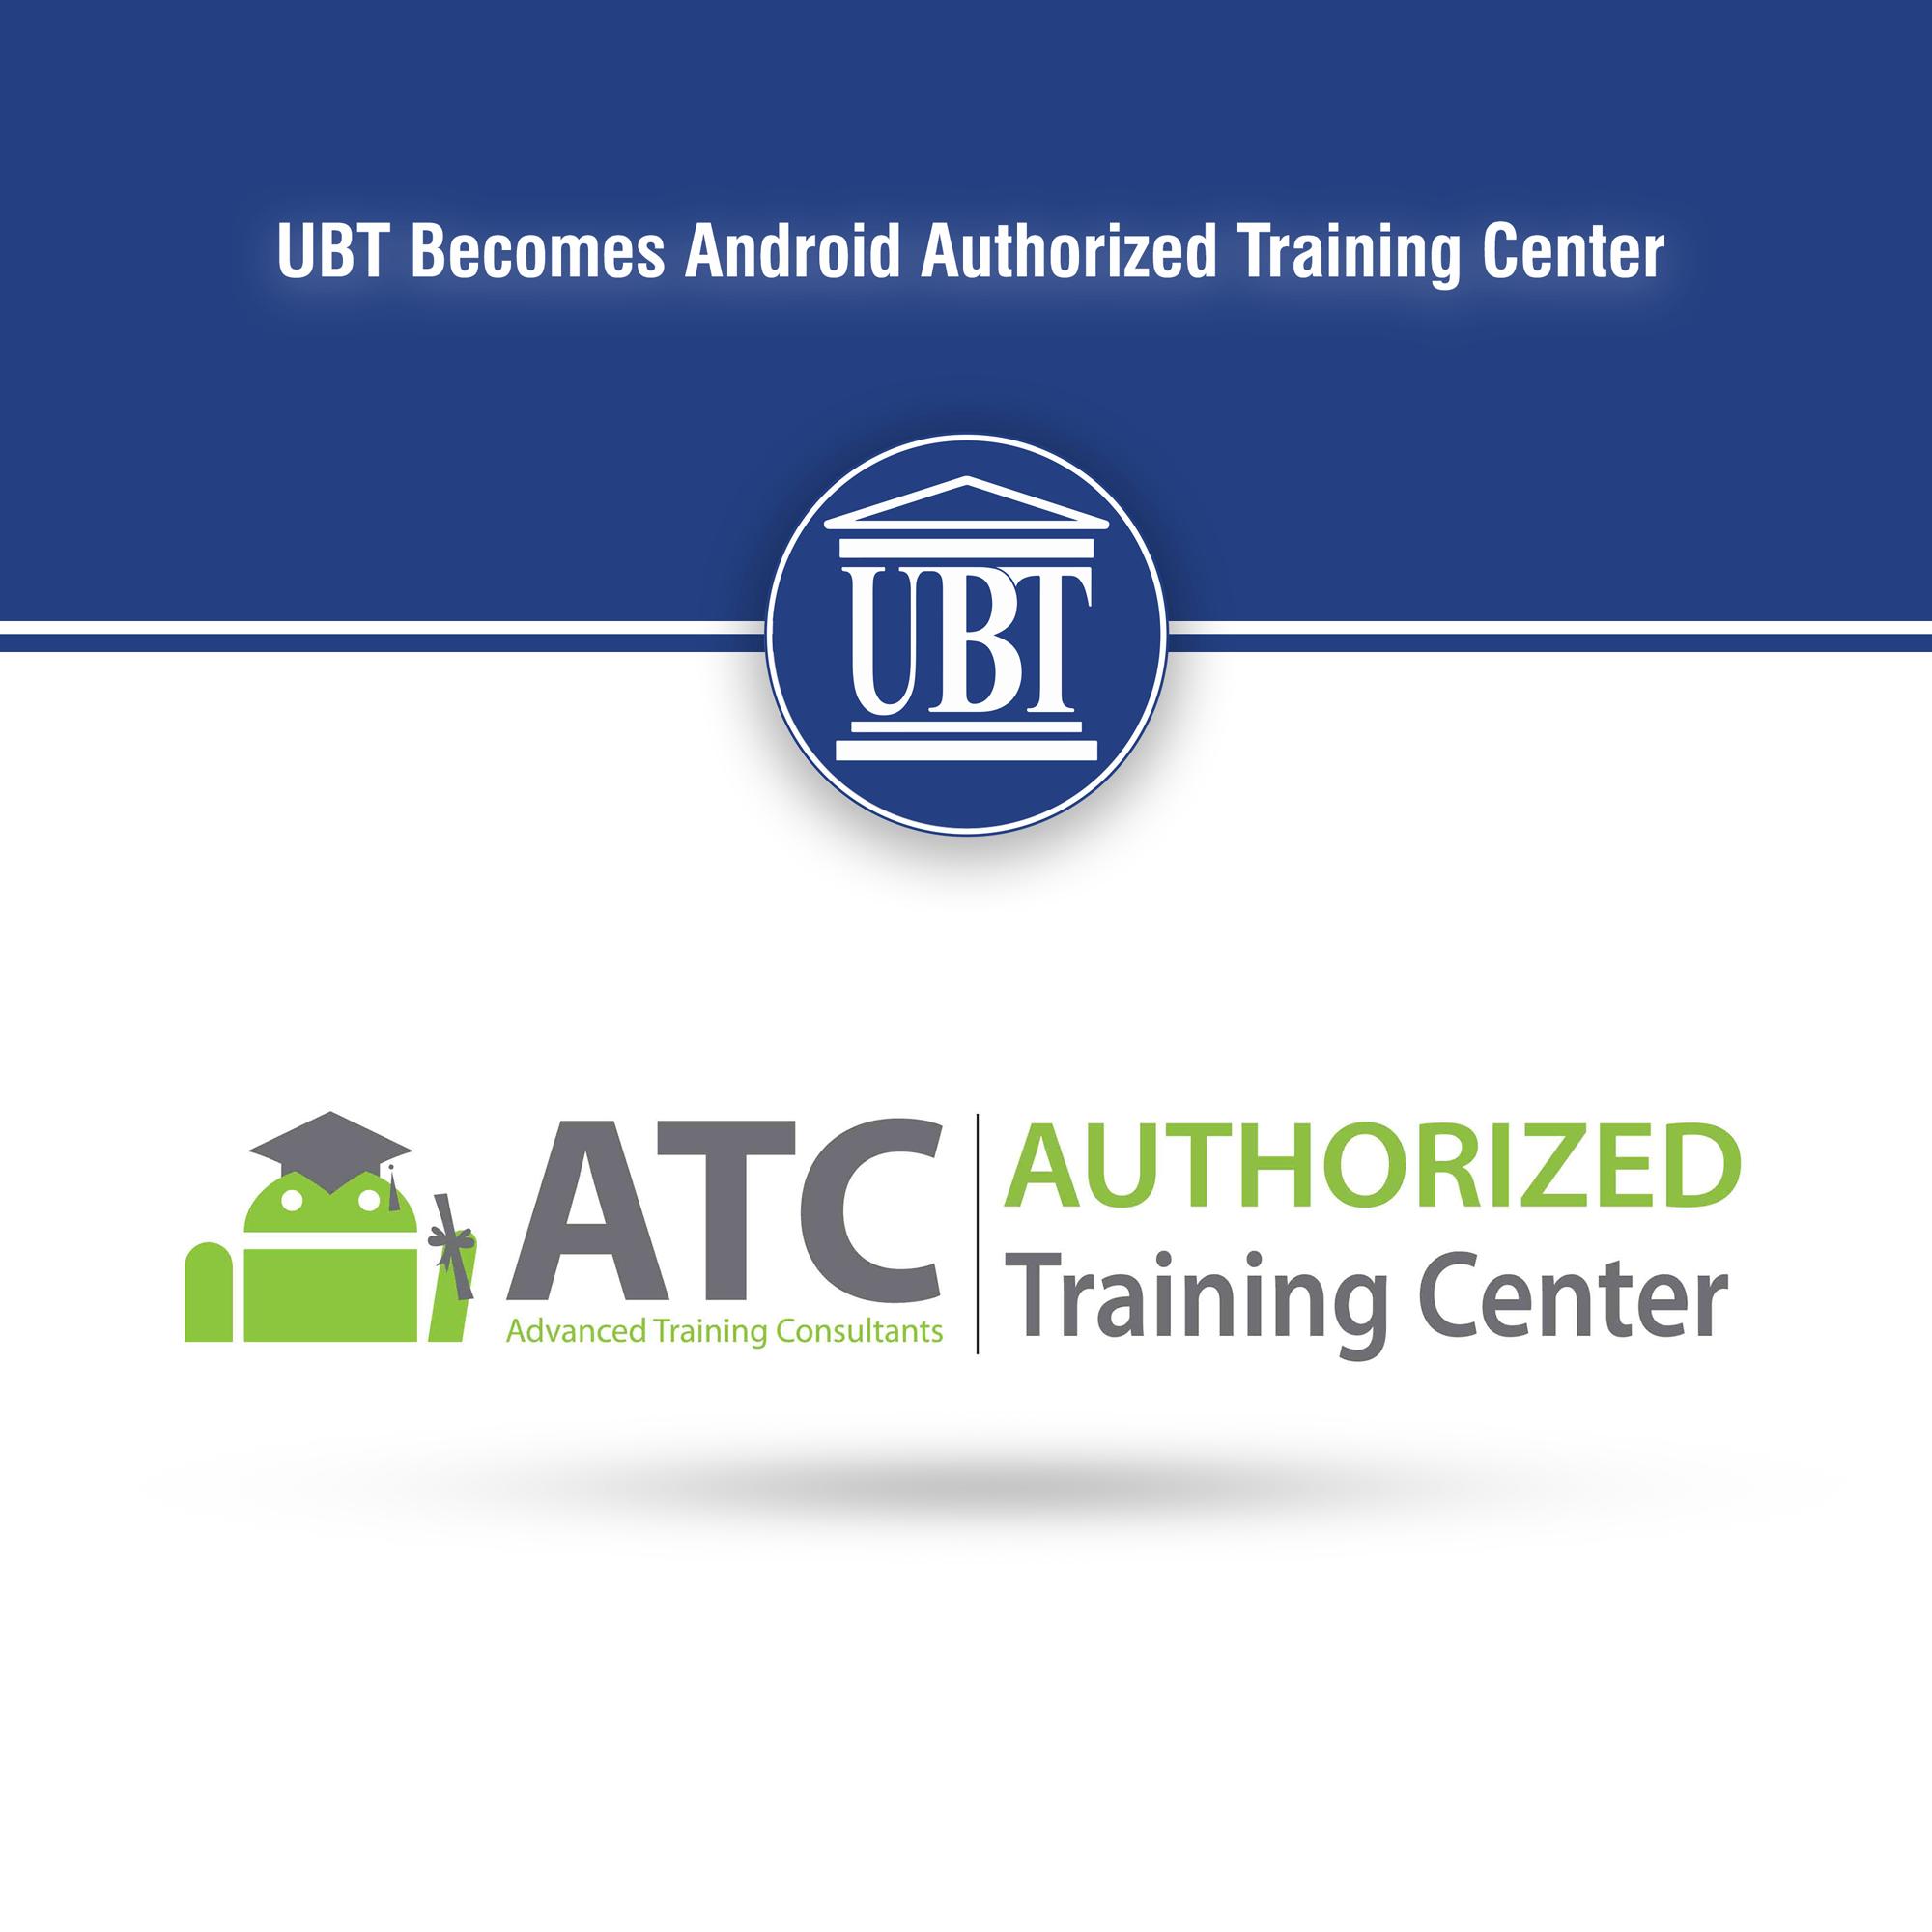 """UBT-ja e autorizuar për trajnim dhe testim të """"Android ATC"""""""